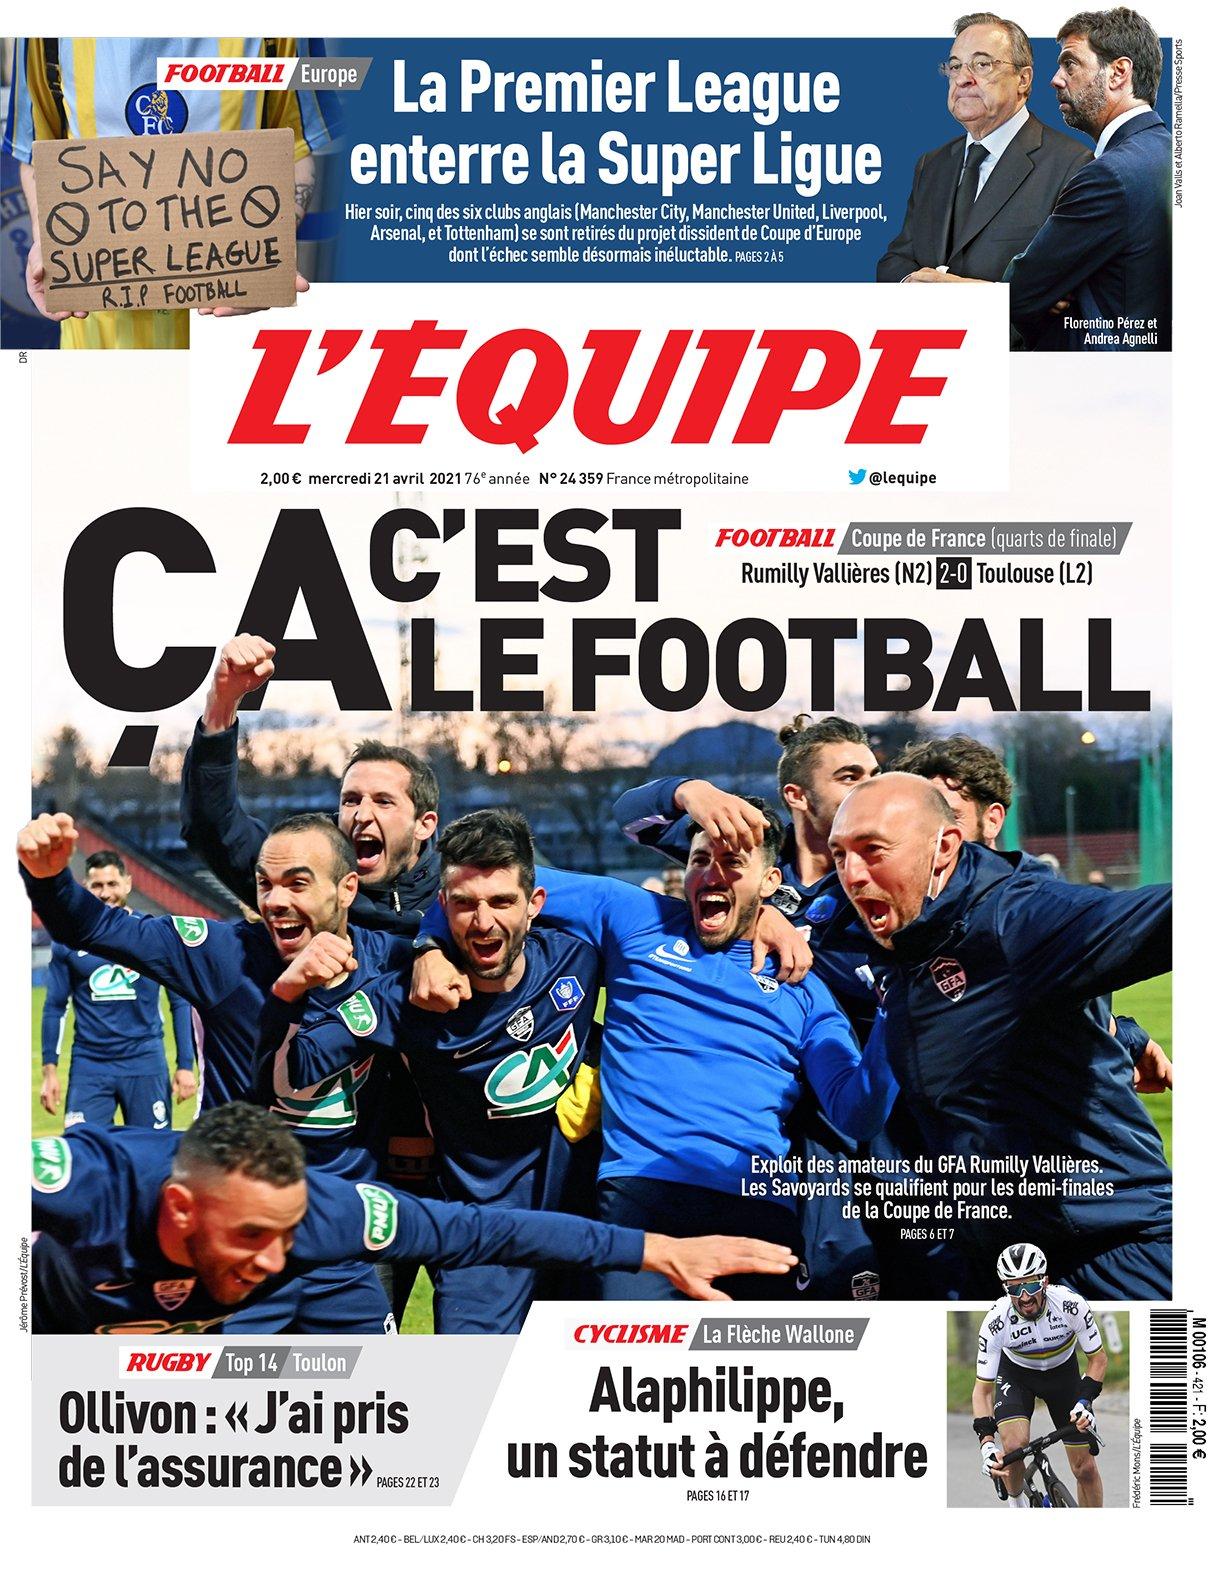 «Это футбол!» Любительский клуб с 5 профессионалами вышел в полуфинал Кубка Франции, а L'Equipe троллит Суперлигу